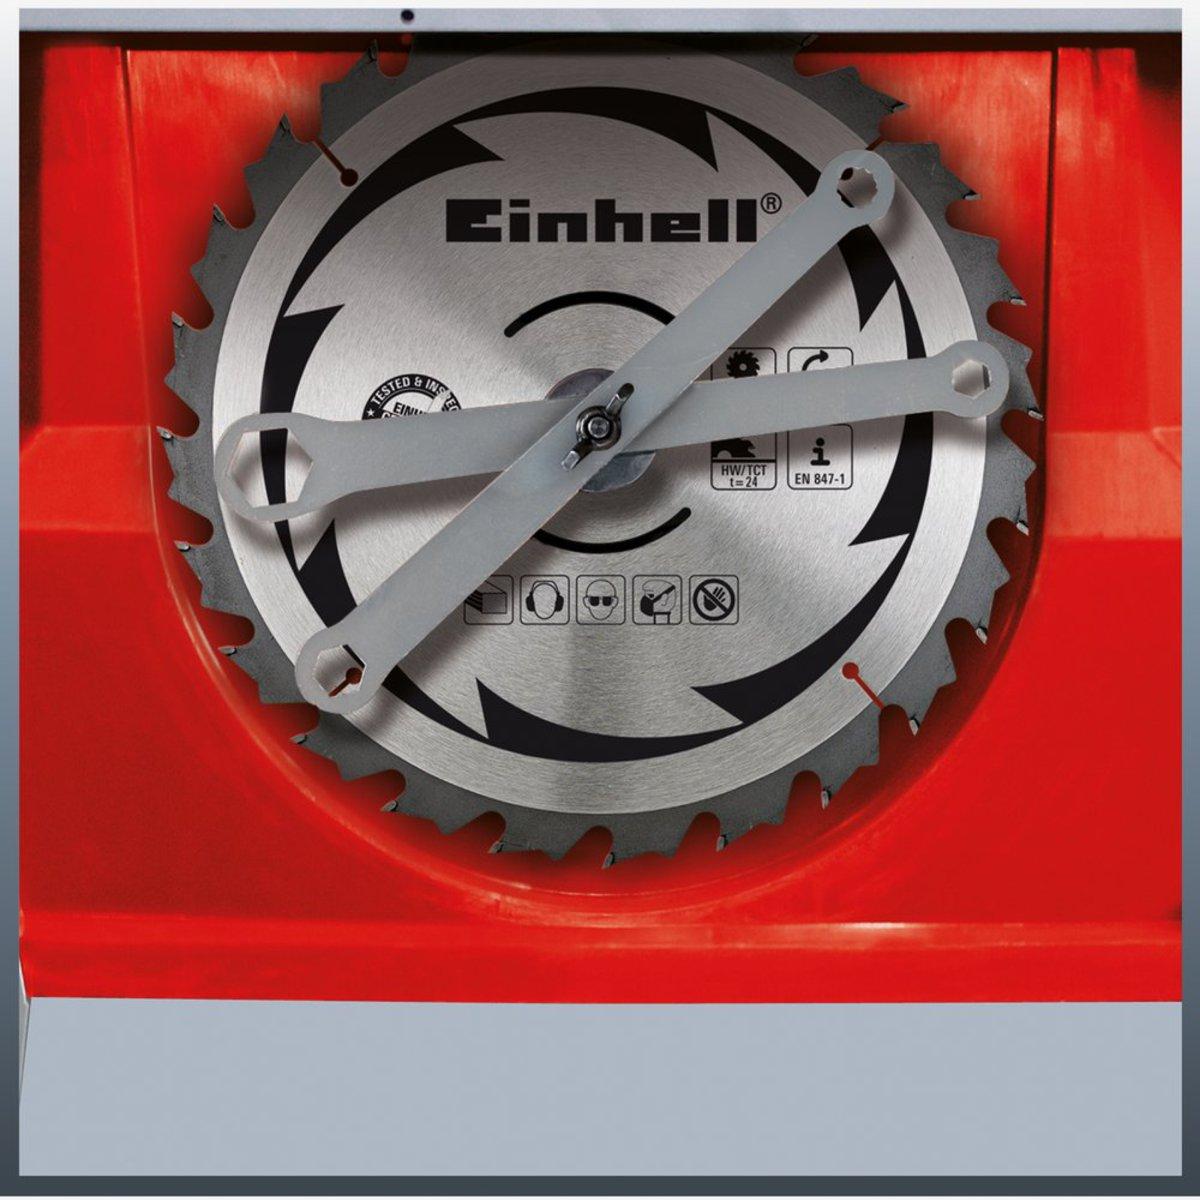 Bild 7 von Einhell - Tischkreissäge TC-TS 2025/01 eco